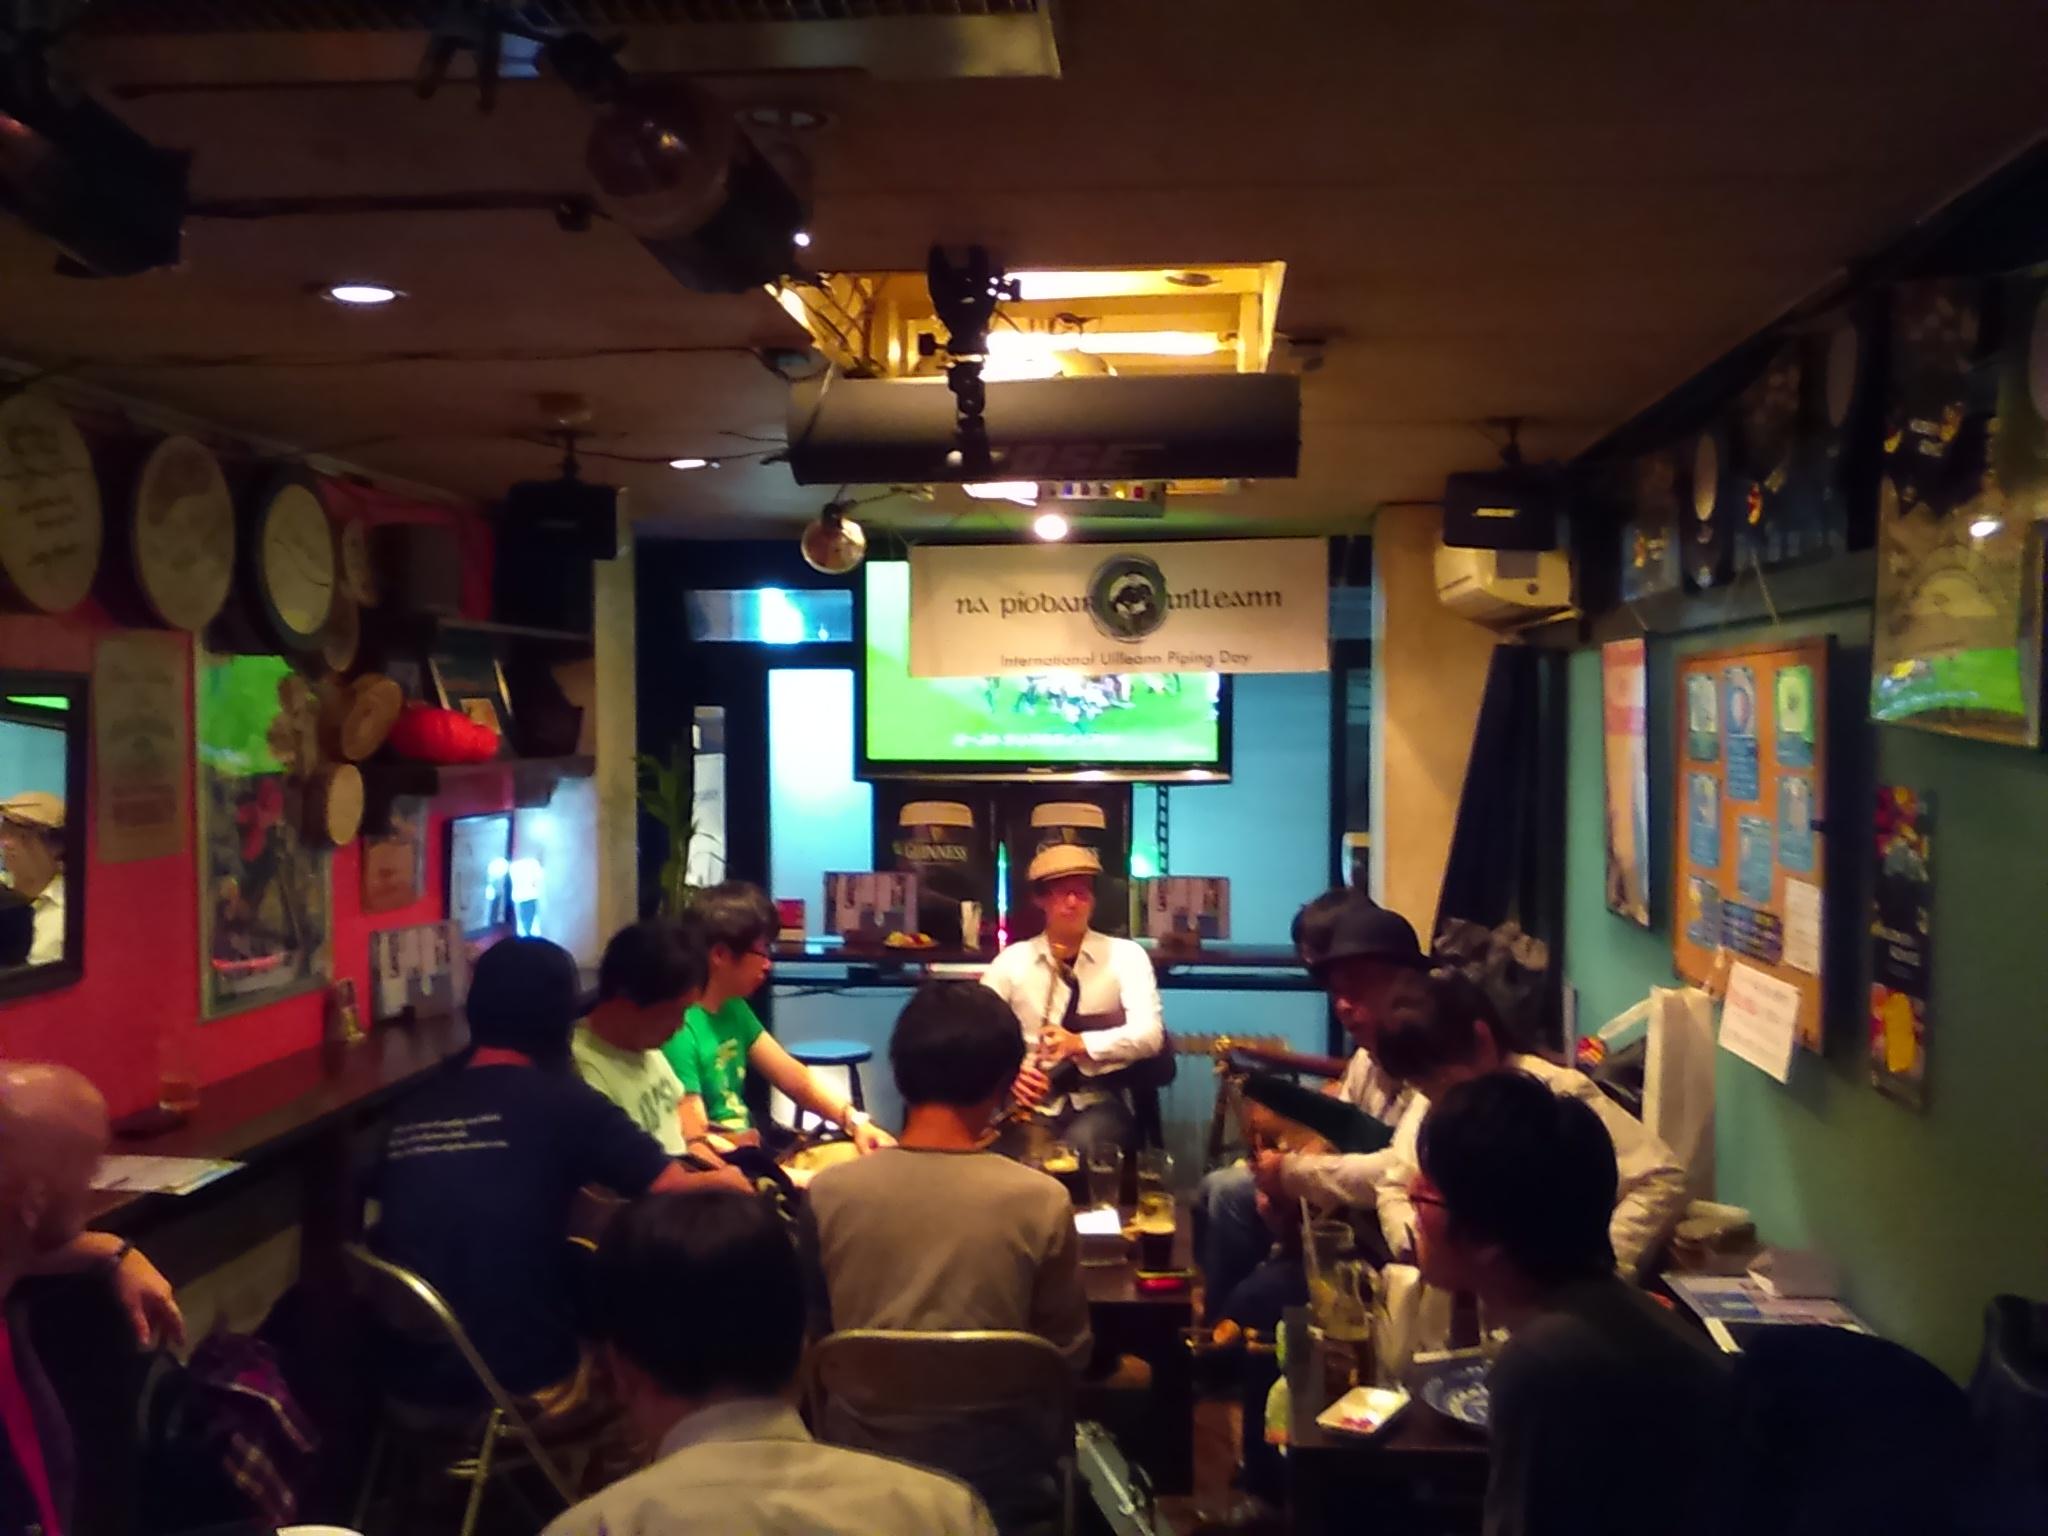 国際イーリアンパイピングデー2016 記念セッションは10/15(土)京都、Irish Pub field (アイリッシュパブ フィールド)にて開催